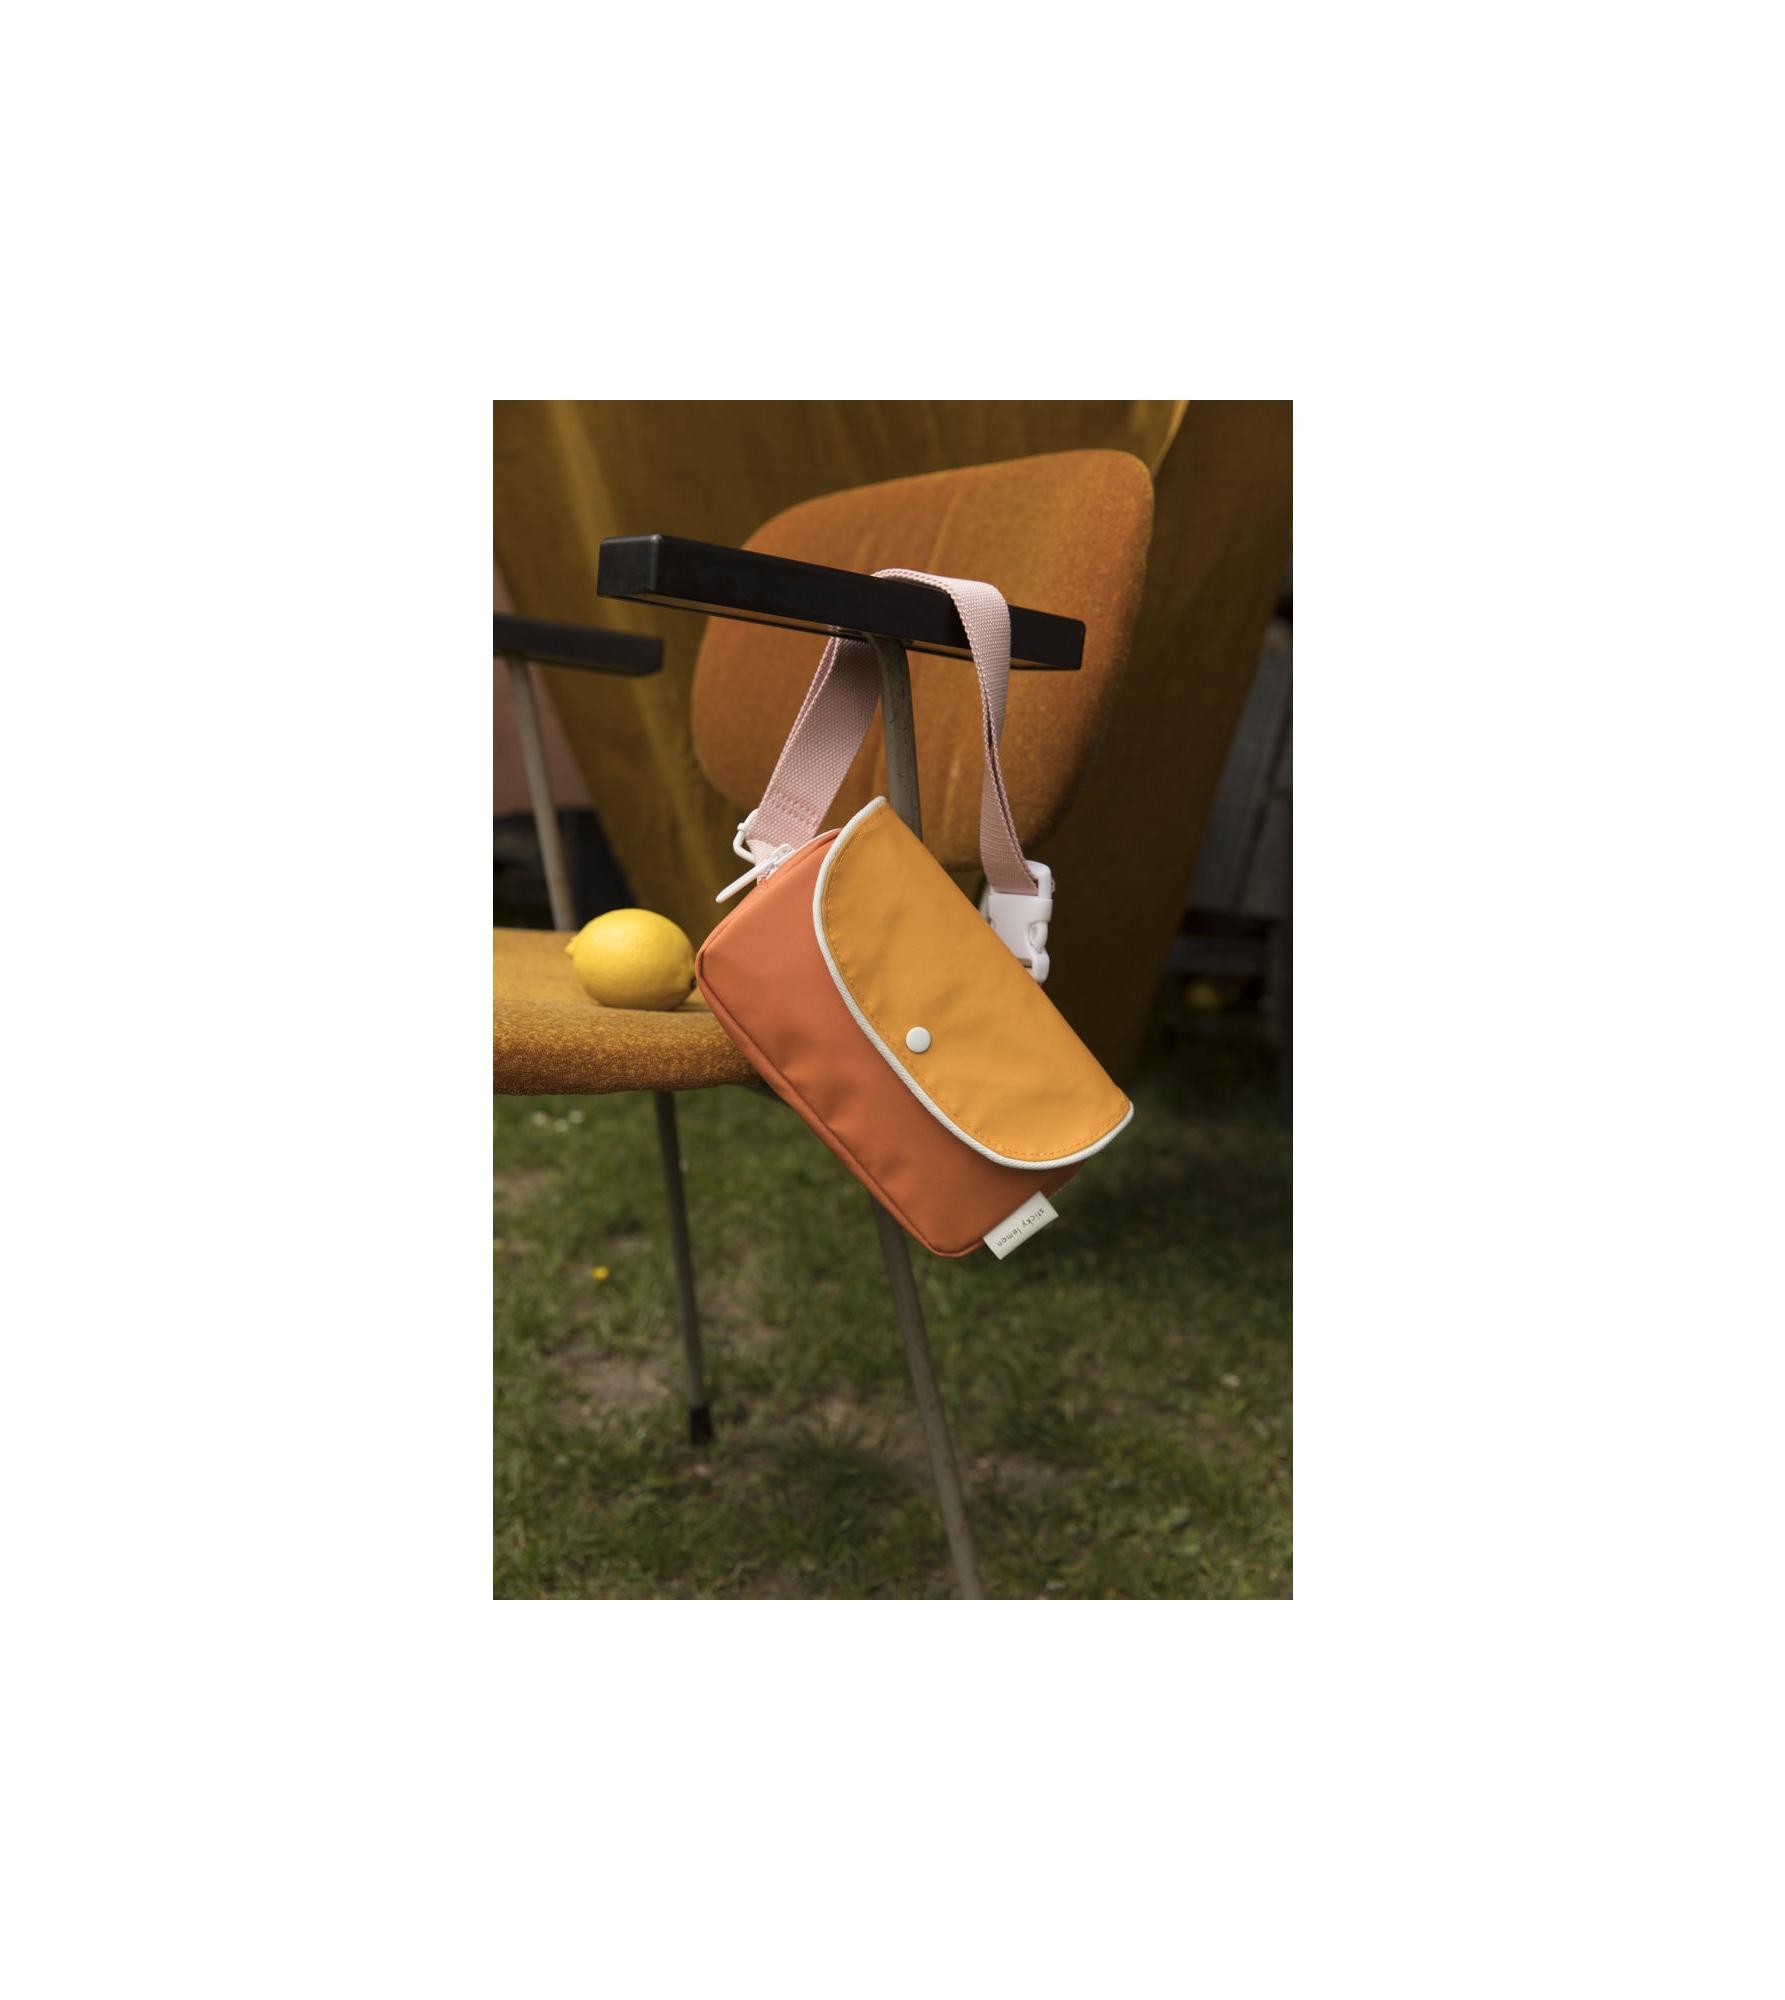 1801667 - Sticky Lemon - fanny pack - wanderer - carrot orange + sunny yellow + candy pink - sty (2).jpg